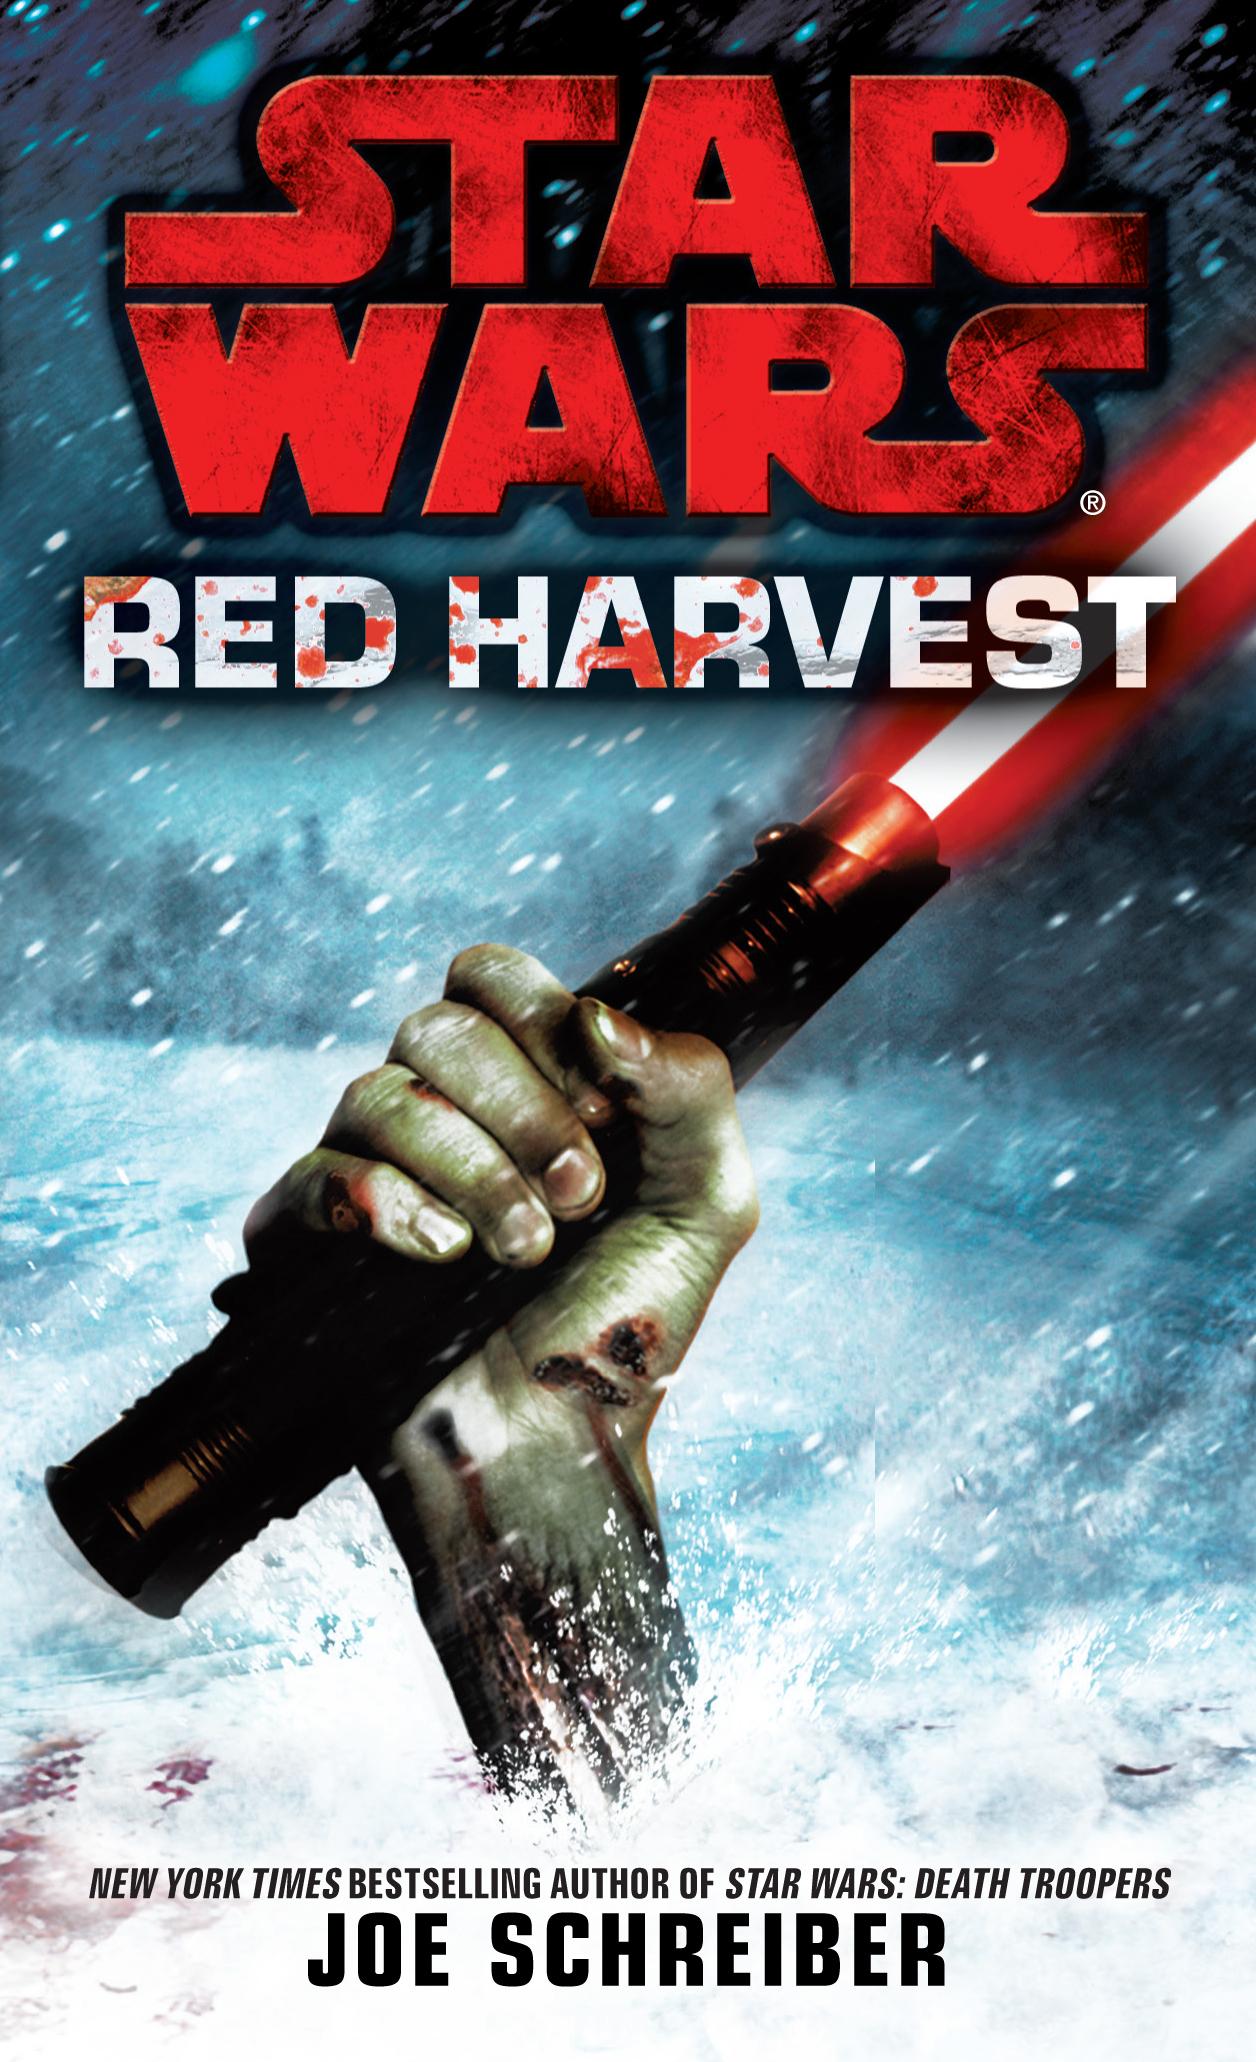 Star Wars: Red Harvest (paperback)